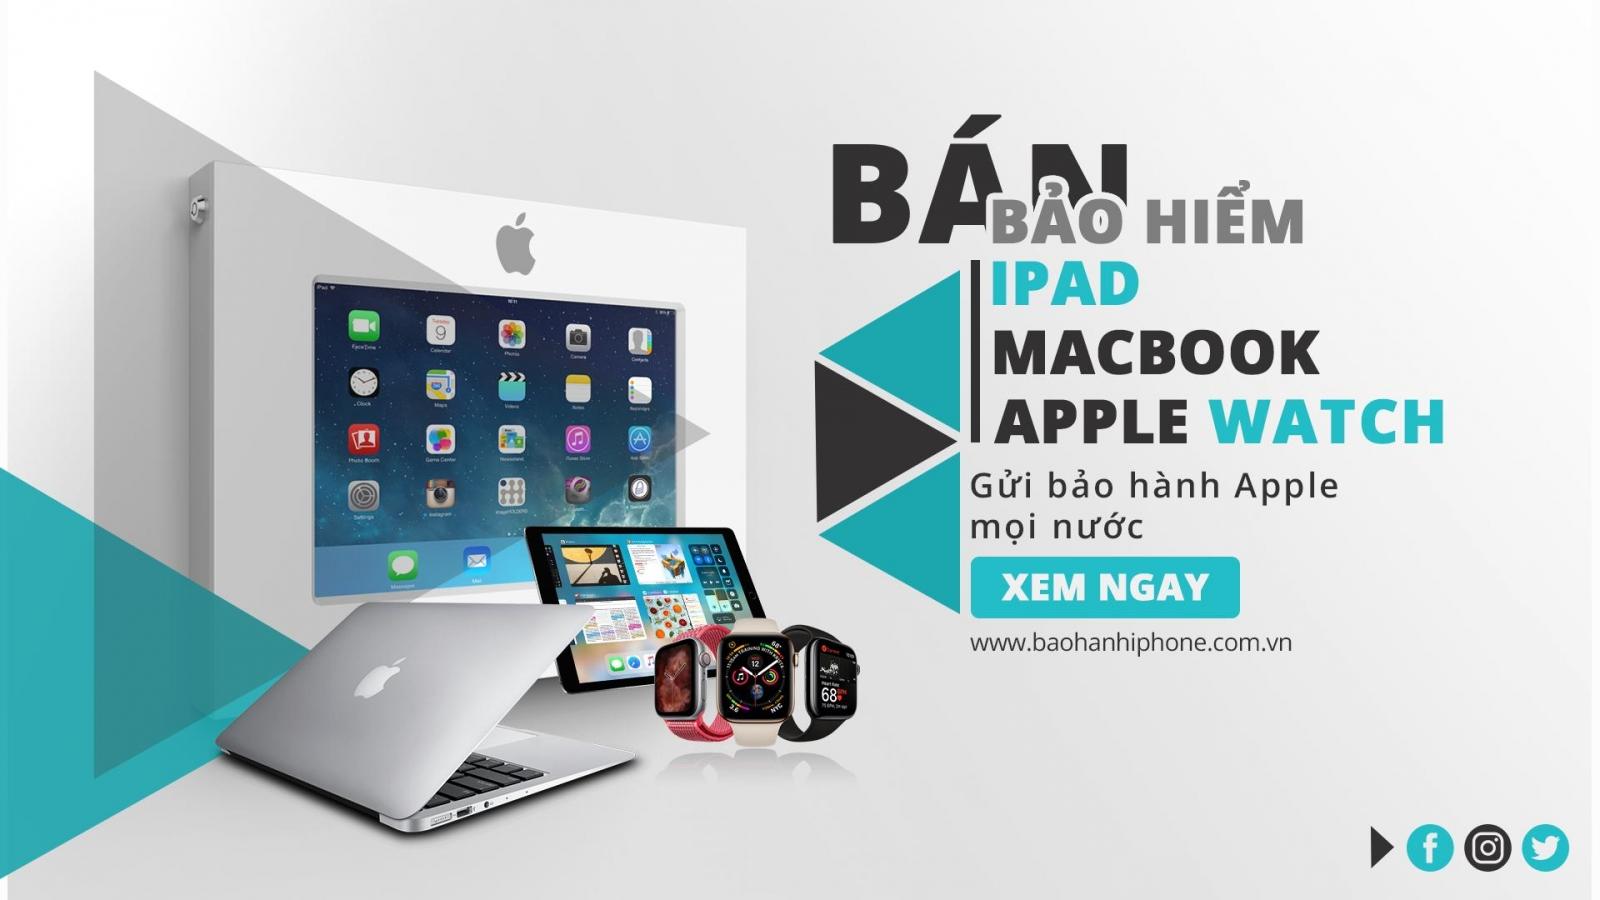 Dịch vụ đổi gửi bảo hành iphone ipad airpod apple watch xách tay Mỹ tại tphcm việt nam